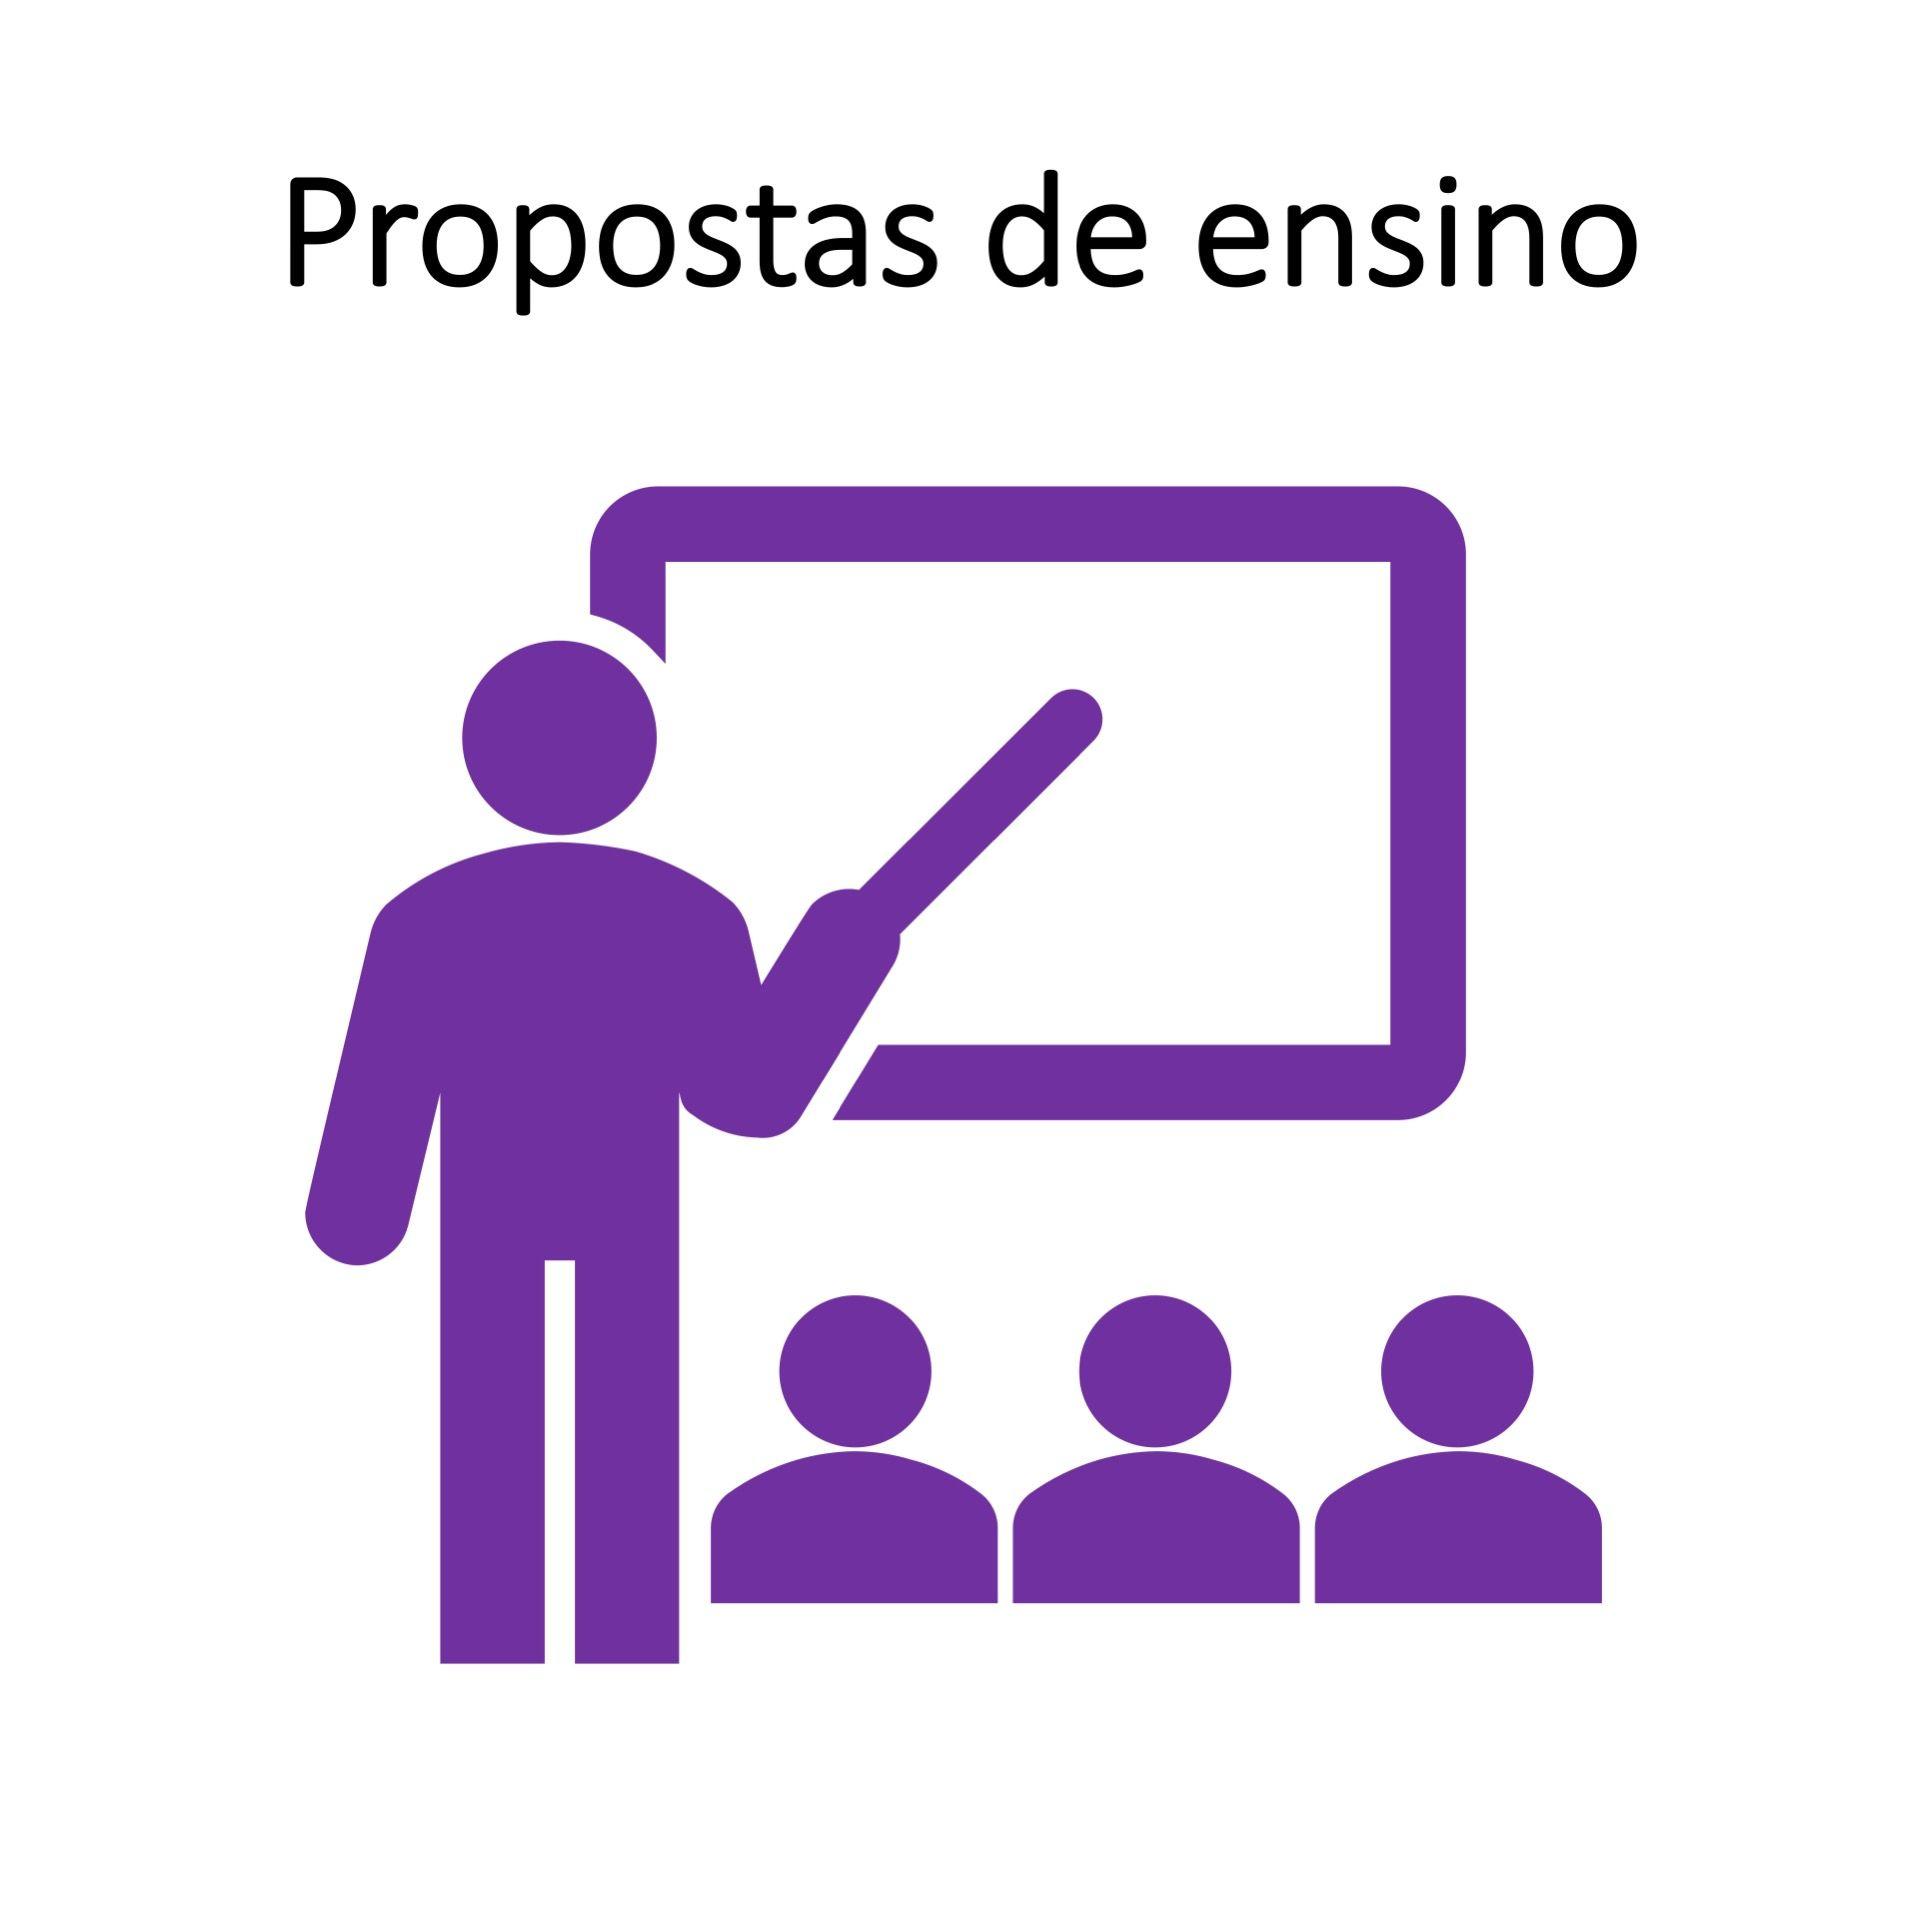 Propostas de ensino